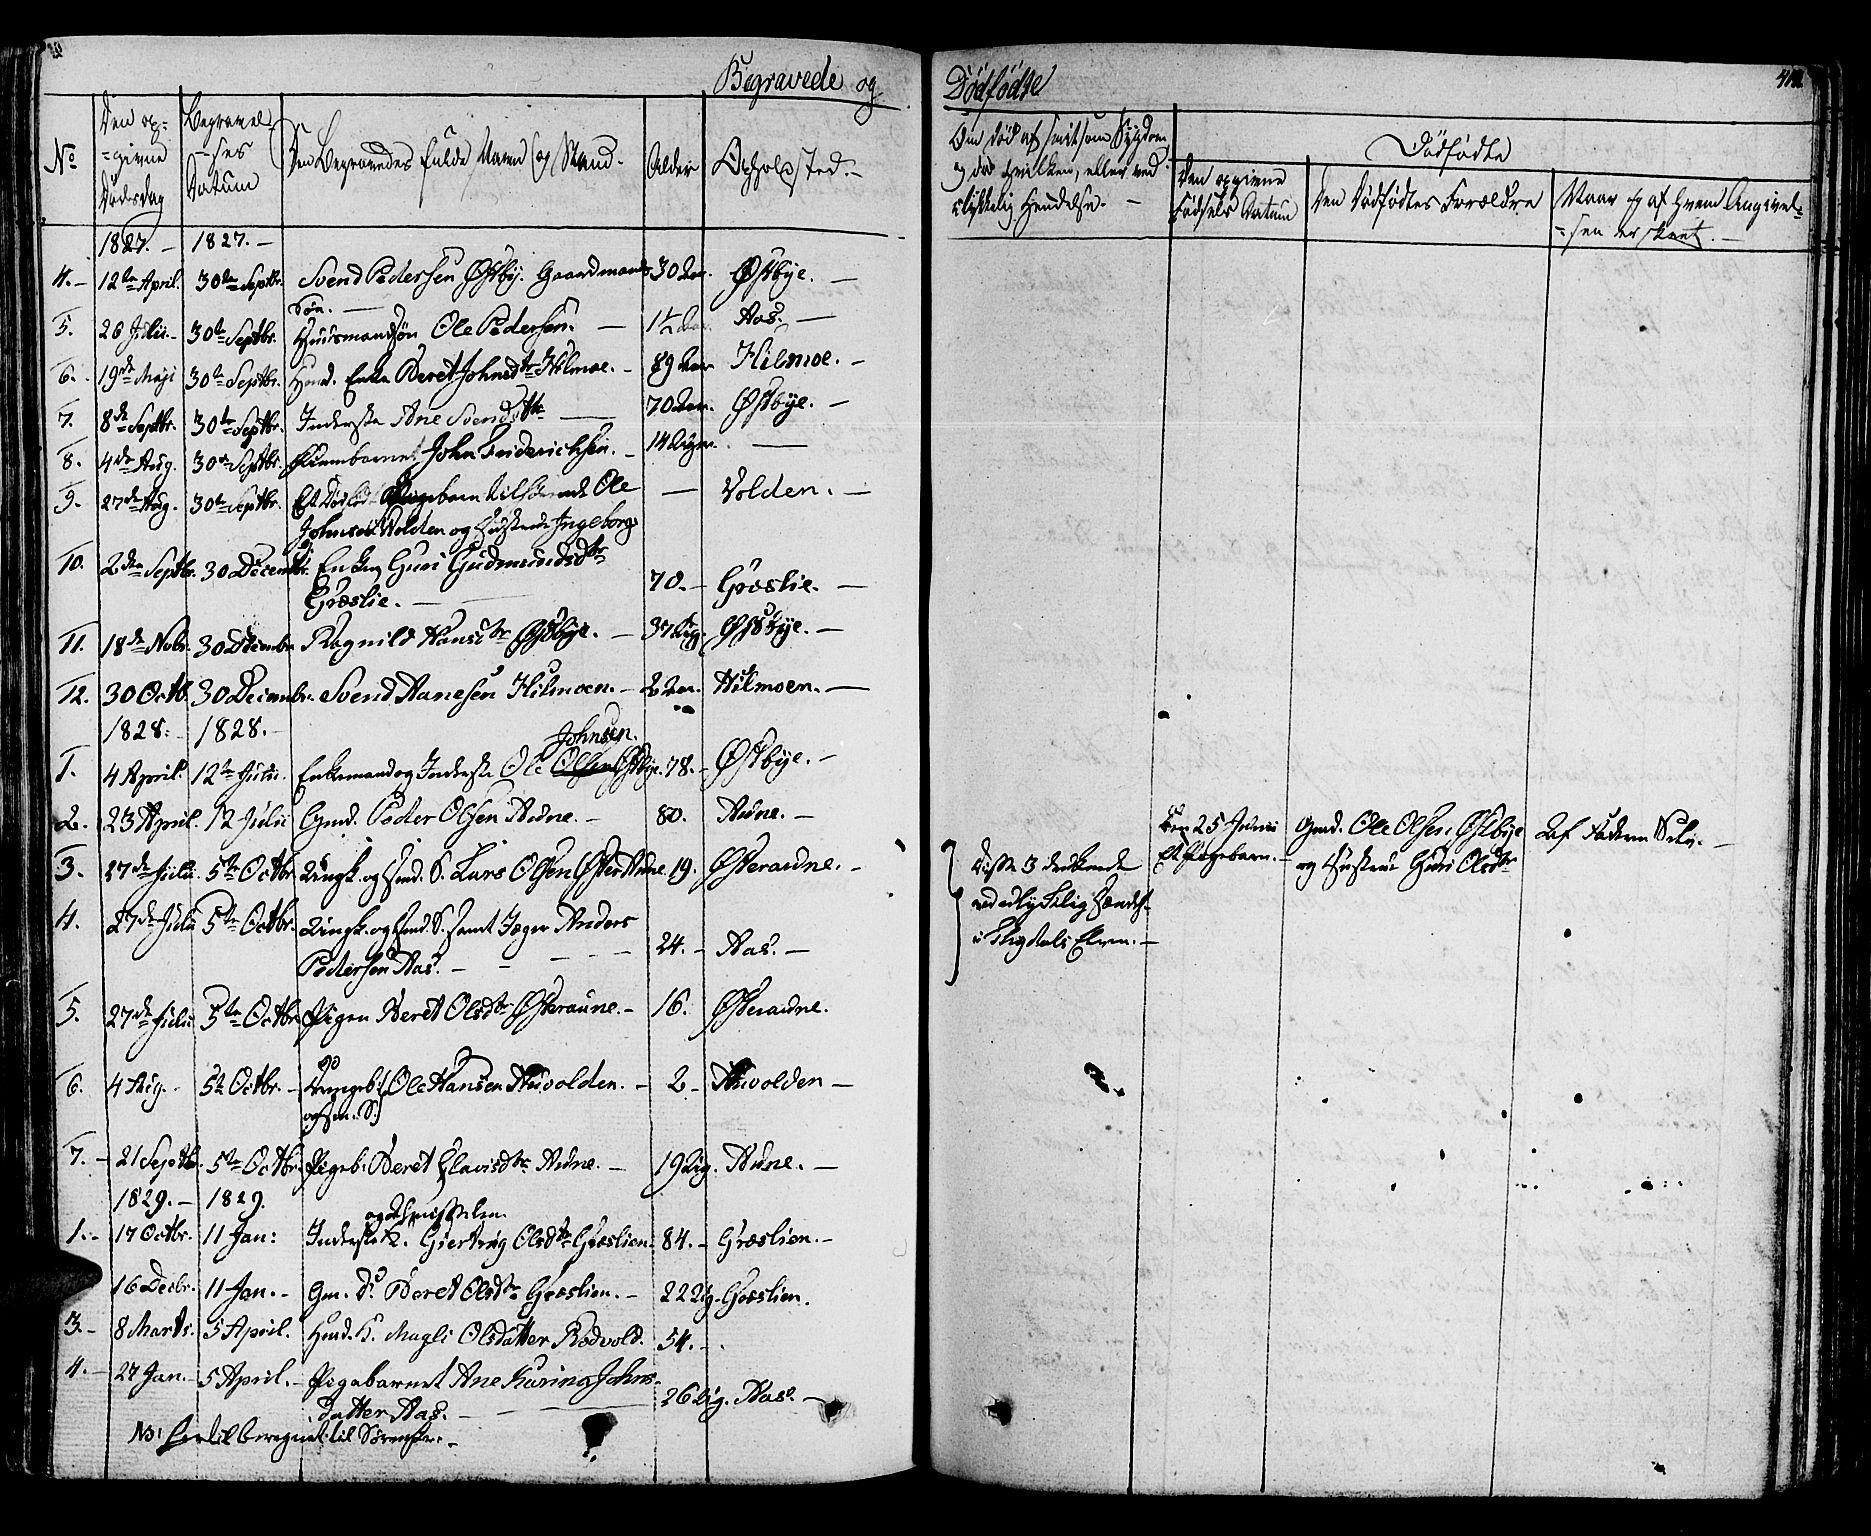 SAT, Ministerialprotokoller, klokkerbøker og fødselsregistre - Sør-Trøndelag, 695/L1144: Ministerialbok nr. 695A05 /2, 1824-1842, s. 412